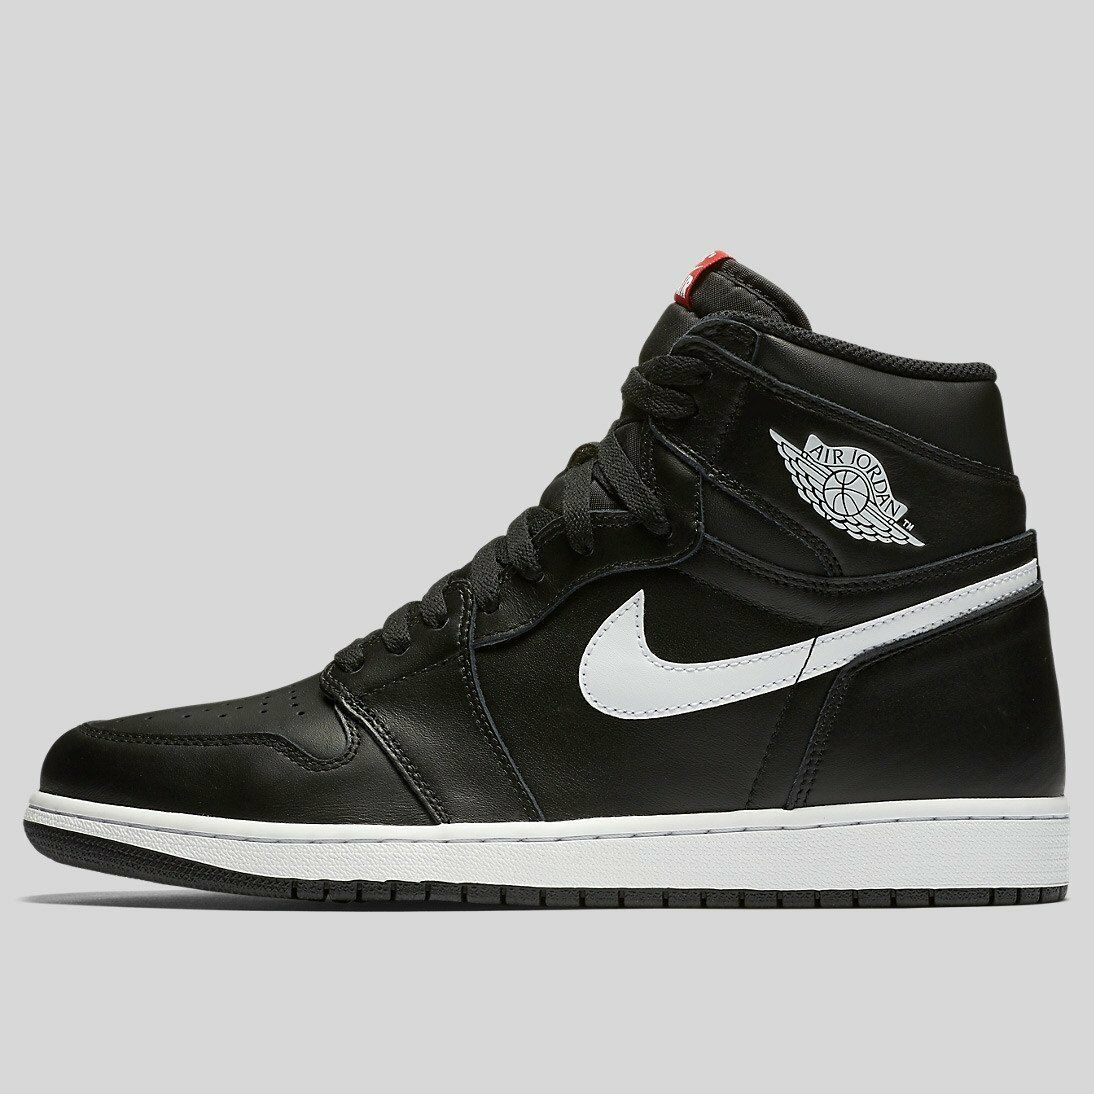 Nike Air Jordan 1 Blanco retro High Og Negro Blanco 1 Yin Yang tamaño 12.555088-011 b1edcf